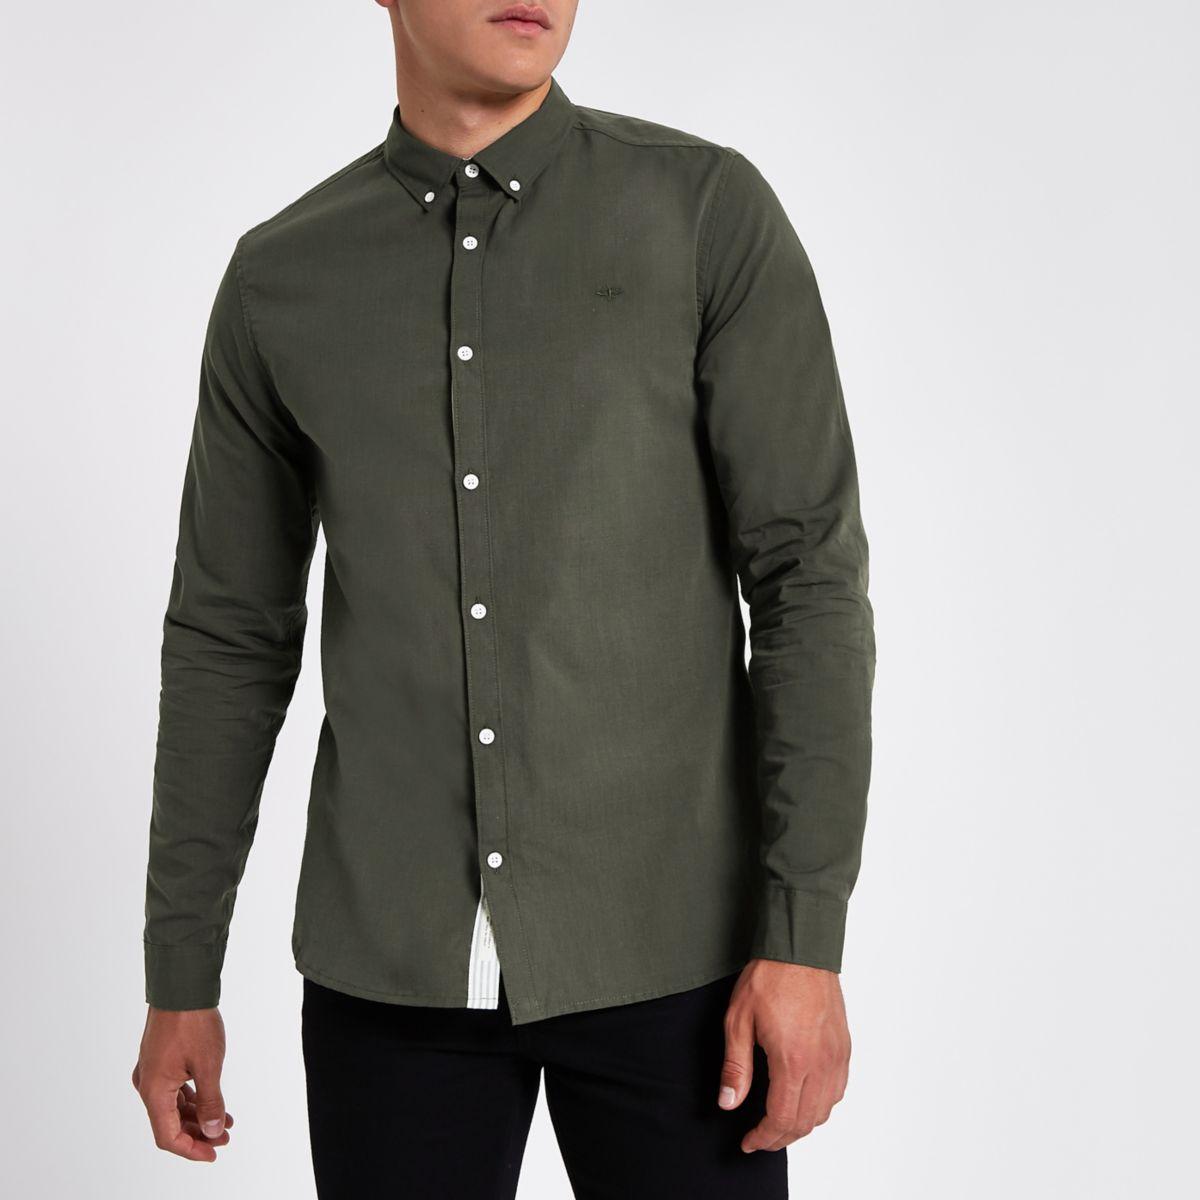 Khaki green slim fit button-down shirt